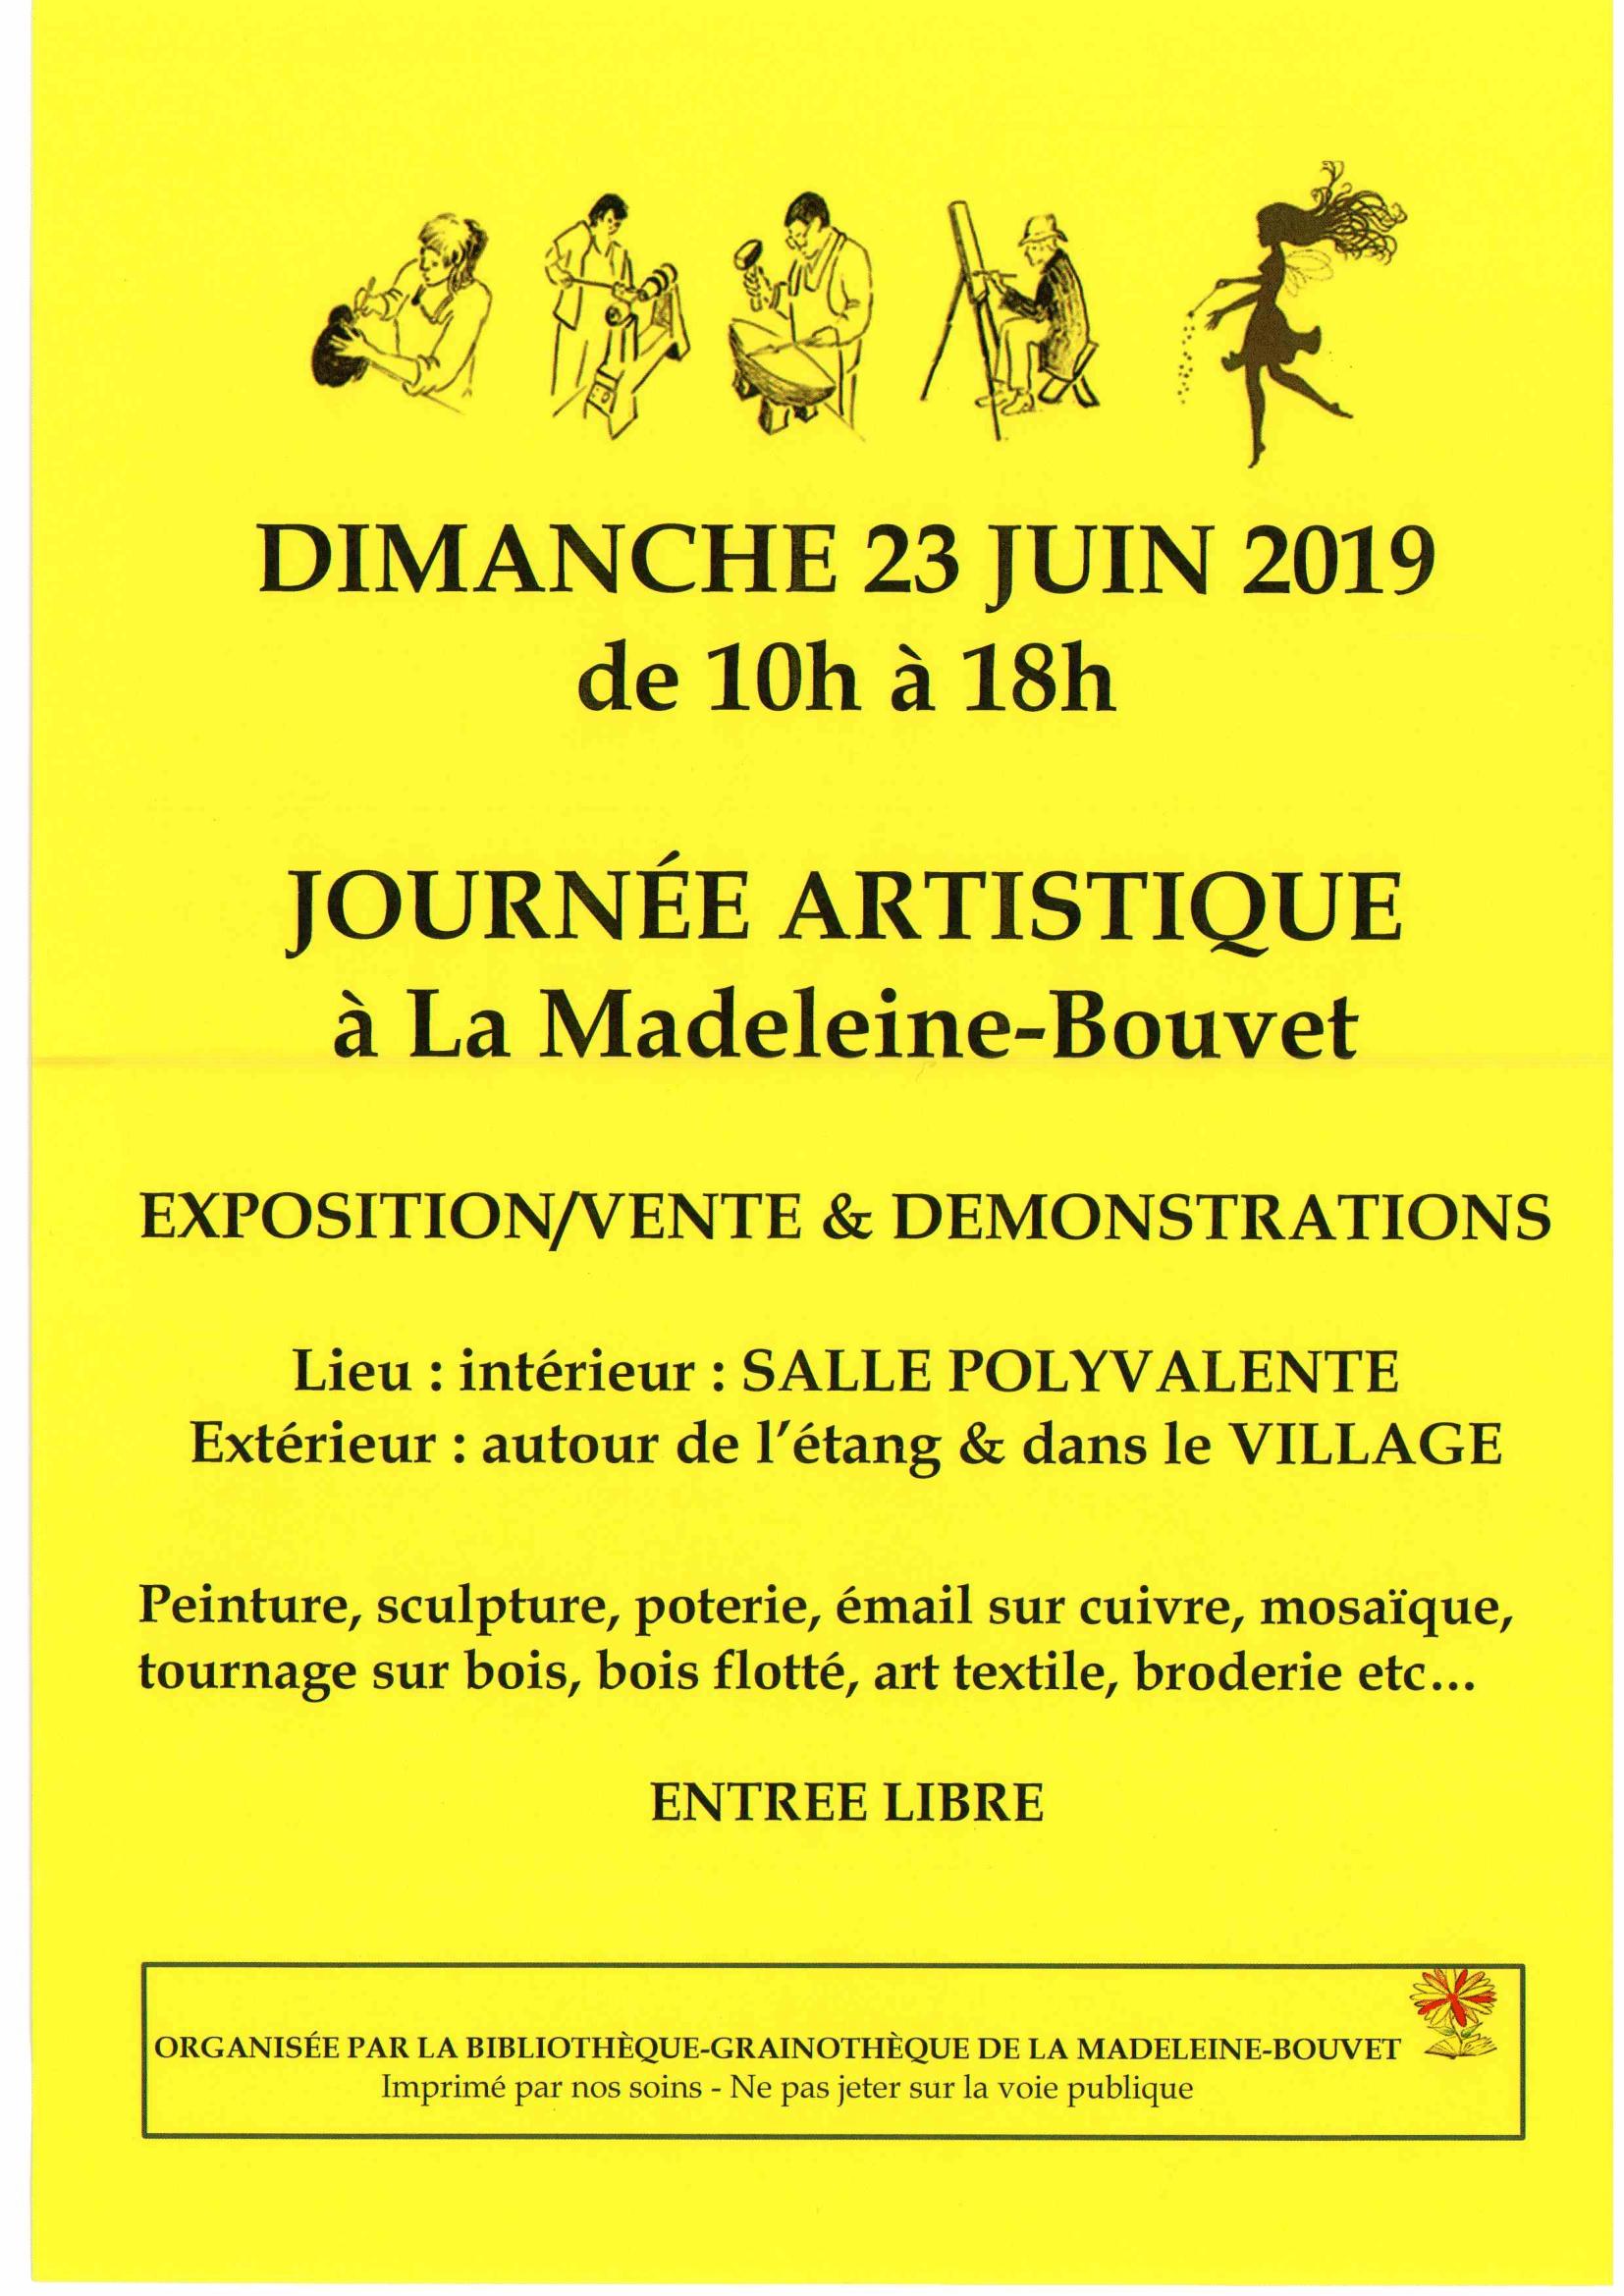 Journée Artistique Dimanche 23 juin 2019